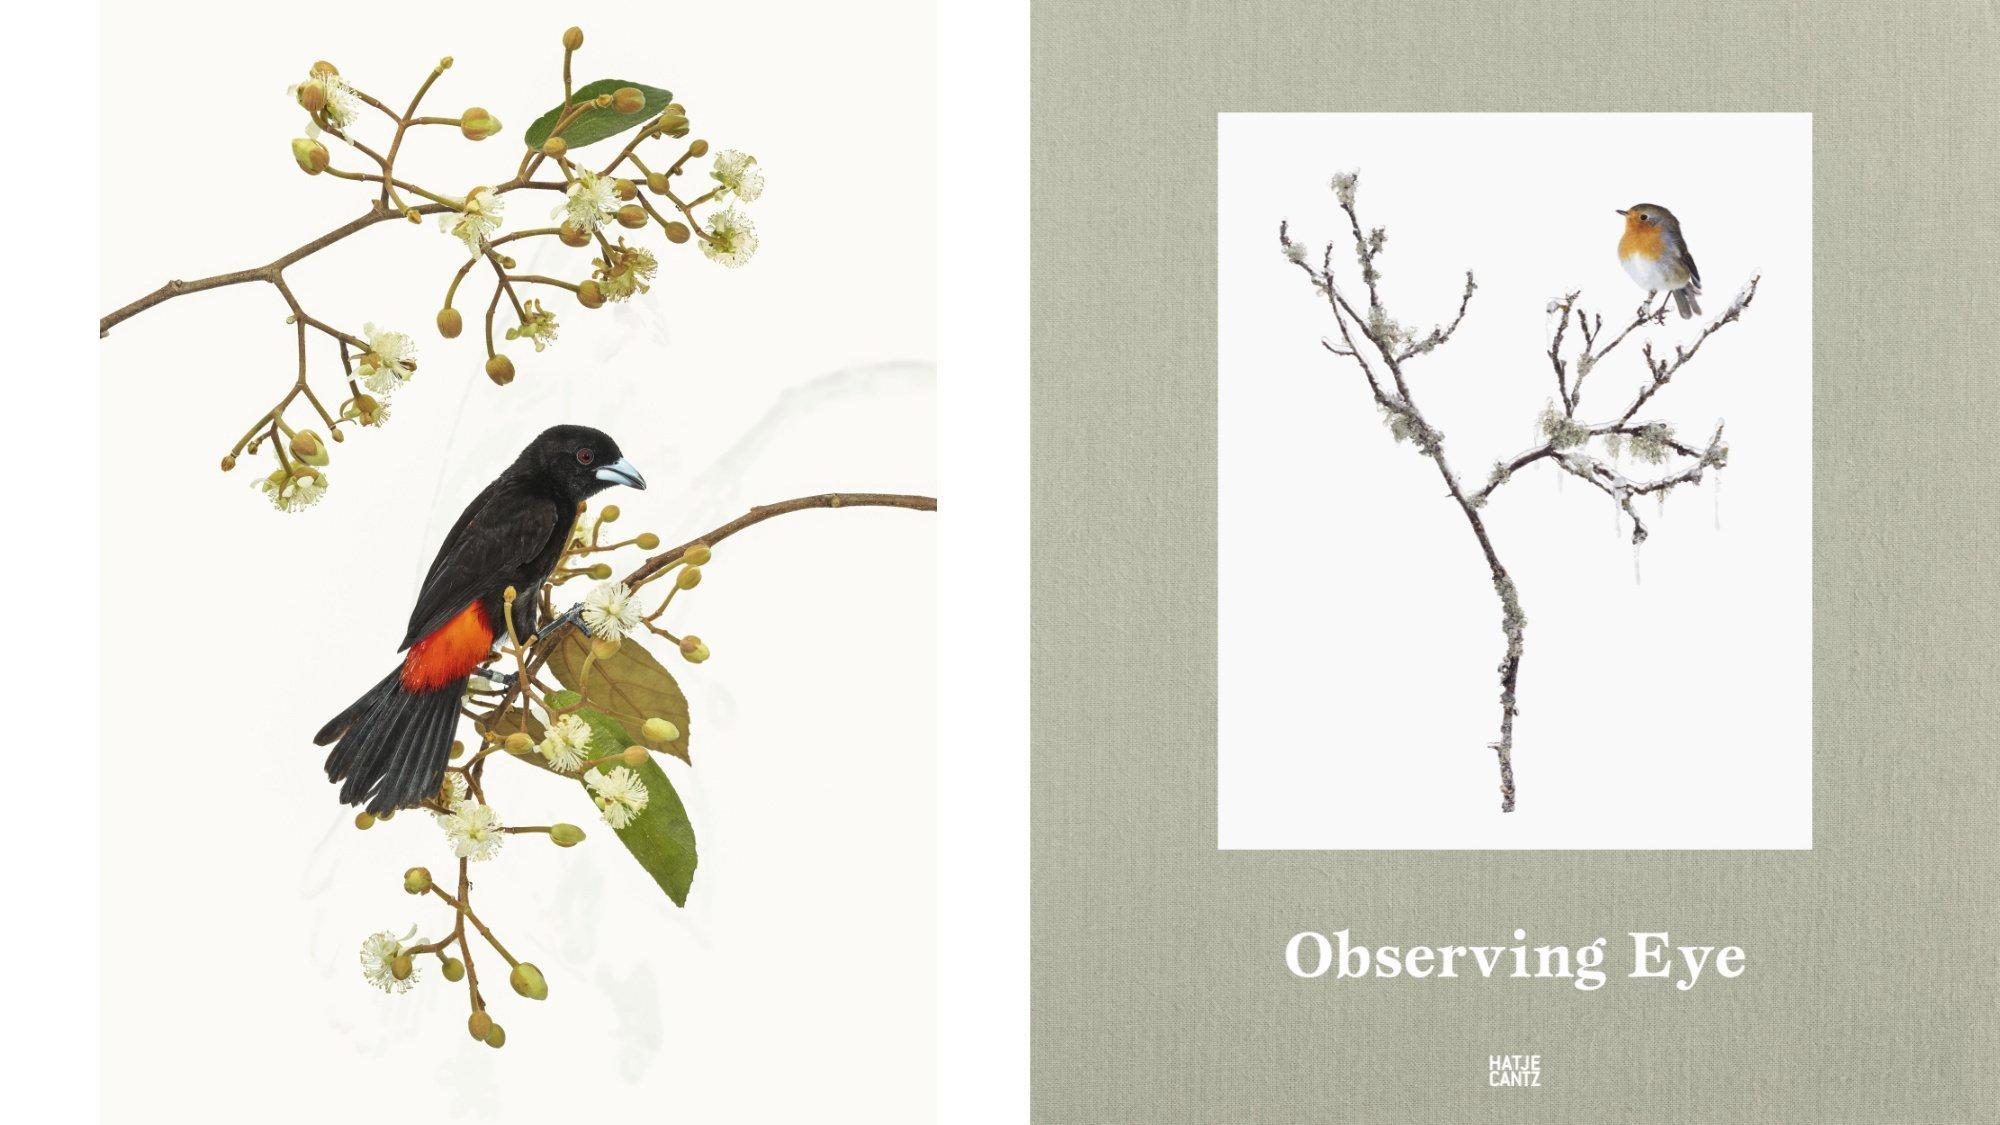 Montage: Links: Eine südamerikanische Tangare sitzt auf einem künstlichen blühenden Zweig. Rechts: Cover des Buchs Observing Eye mit einem Foto eines Rotkehlchens.